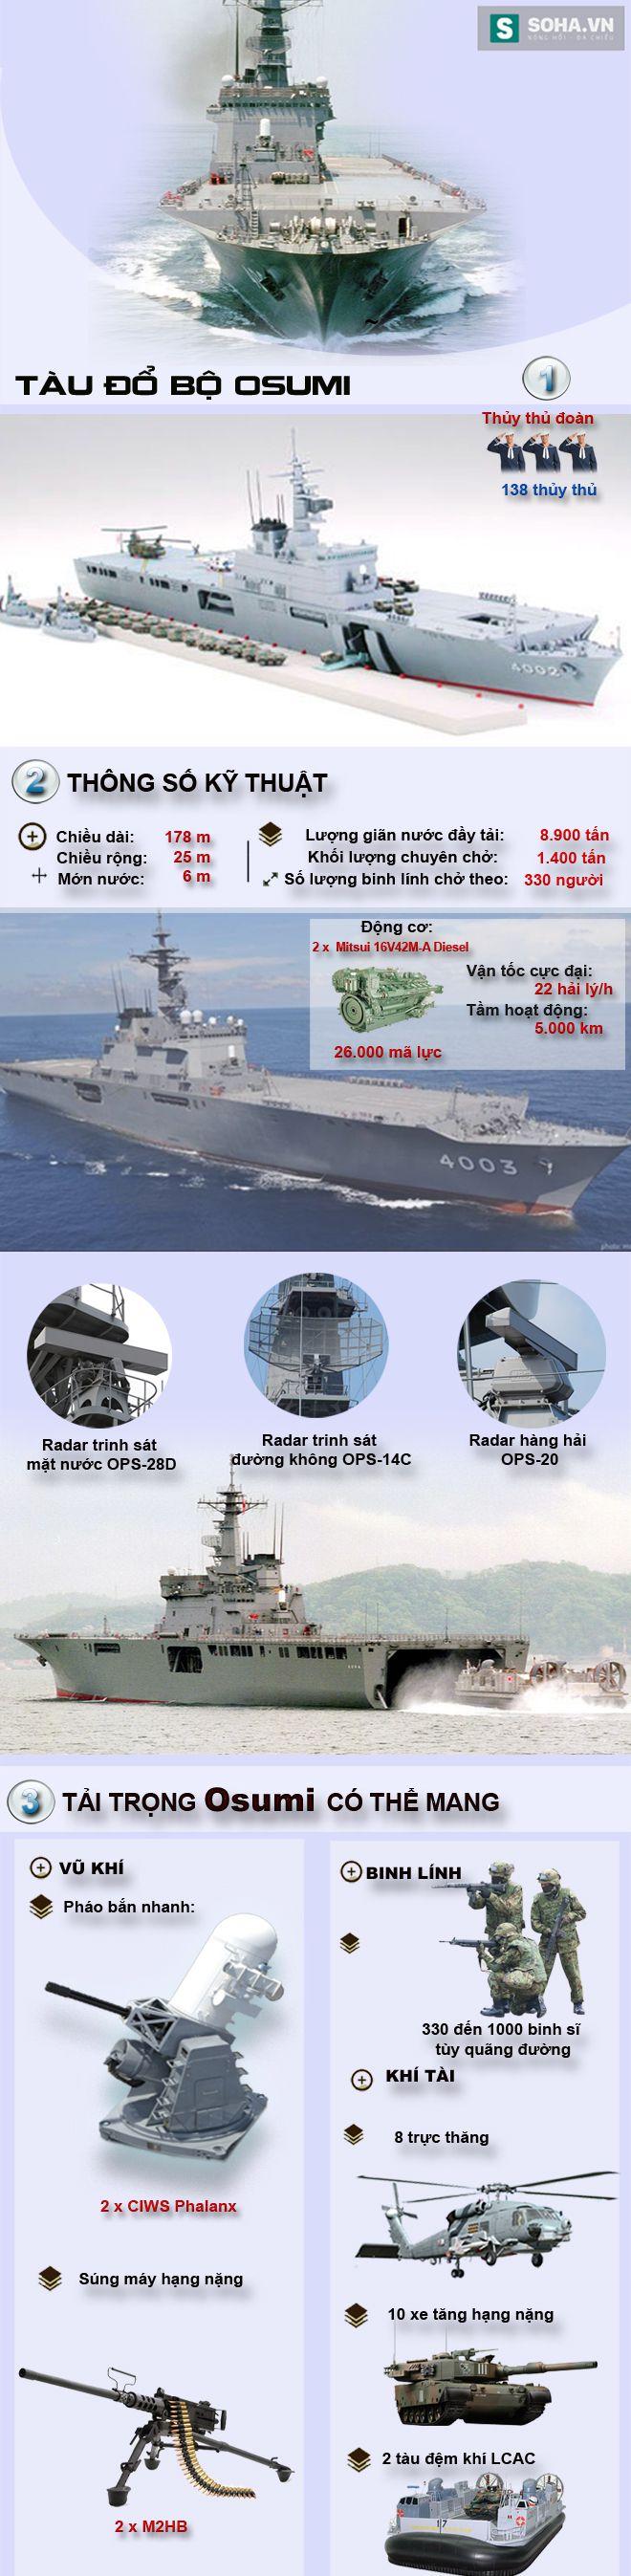 Tàu đổ bộ Nhật có thể bán cho các quốc gia ĐNÁ mạnh đến mức nào? - Ảnh 1.